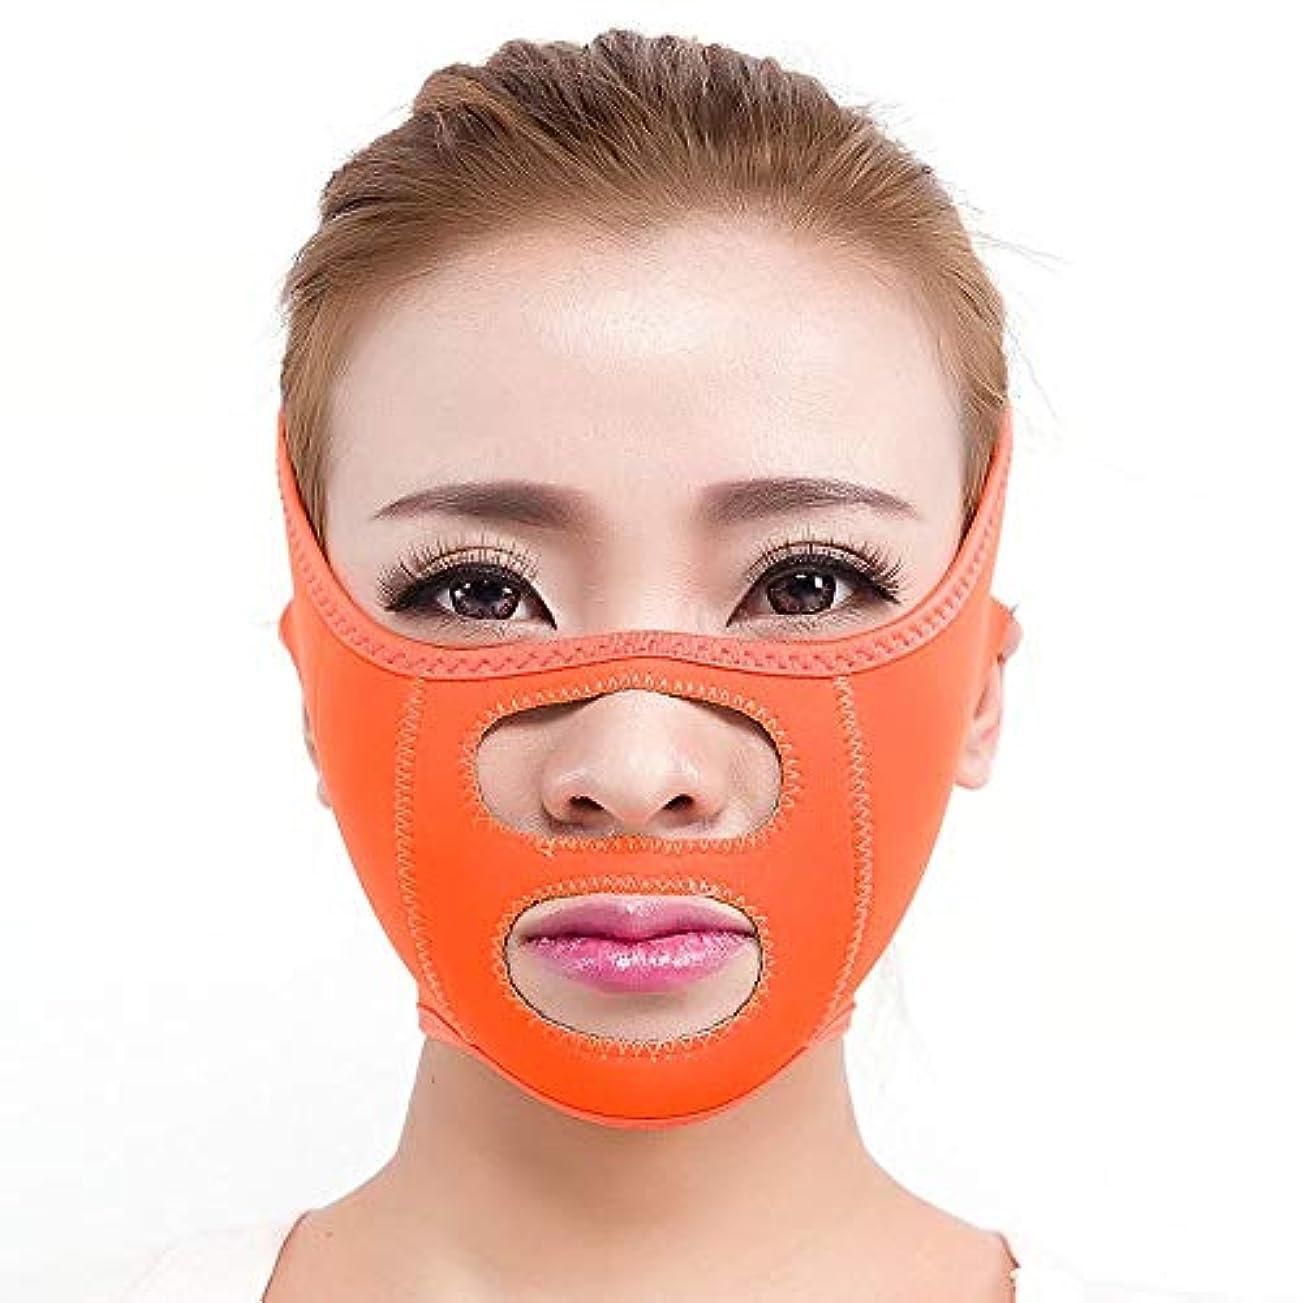 遅滞船上確認するGYZ シンフェイスマスクシンフェイス包帯シンフェイスアーティファクトシンフェイスフェイシャルリフティングシンフェイススモールVフェイススリープシンフェイスベルト Thin Face Belt (Color : A)